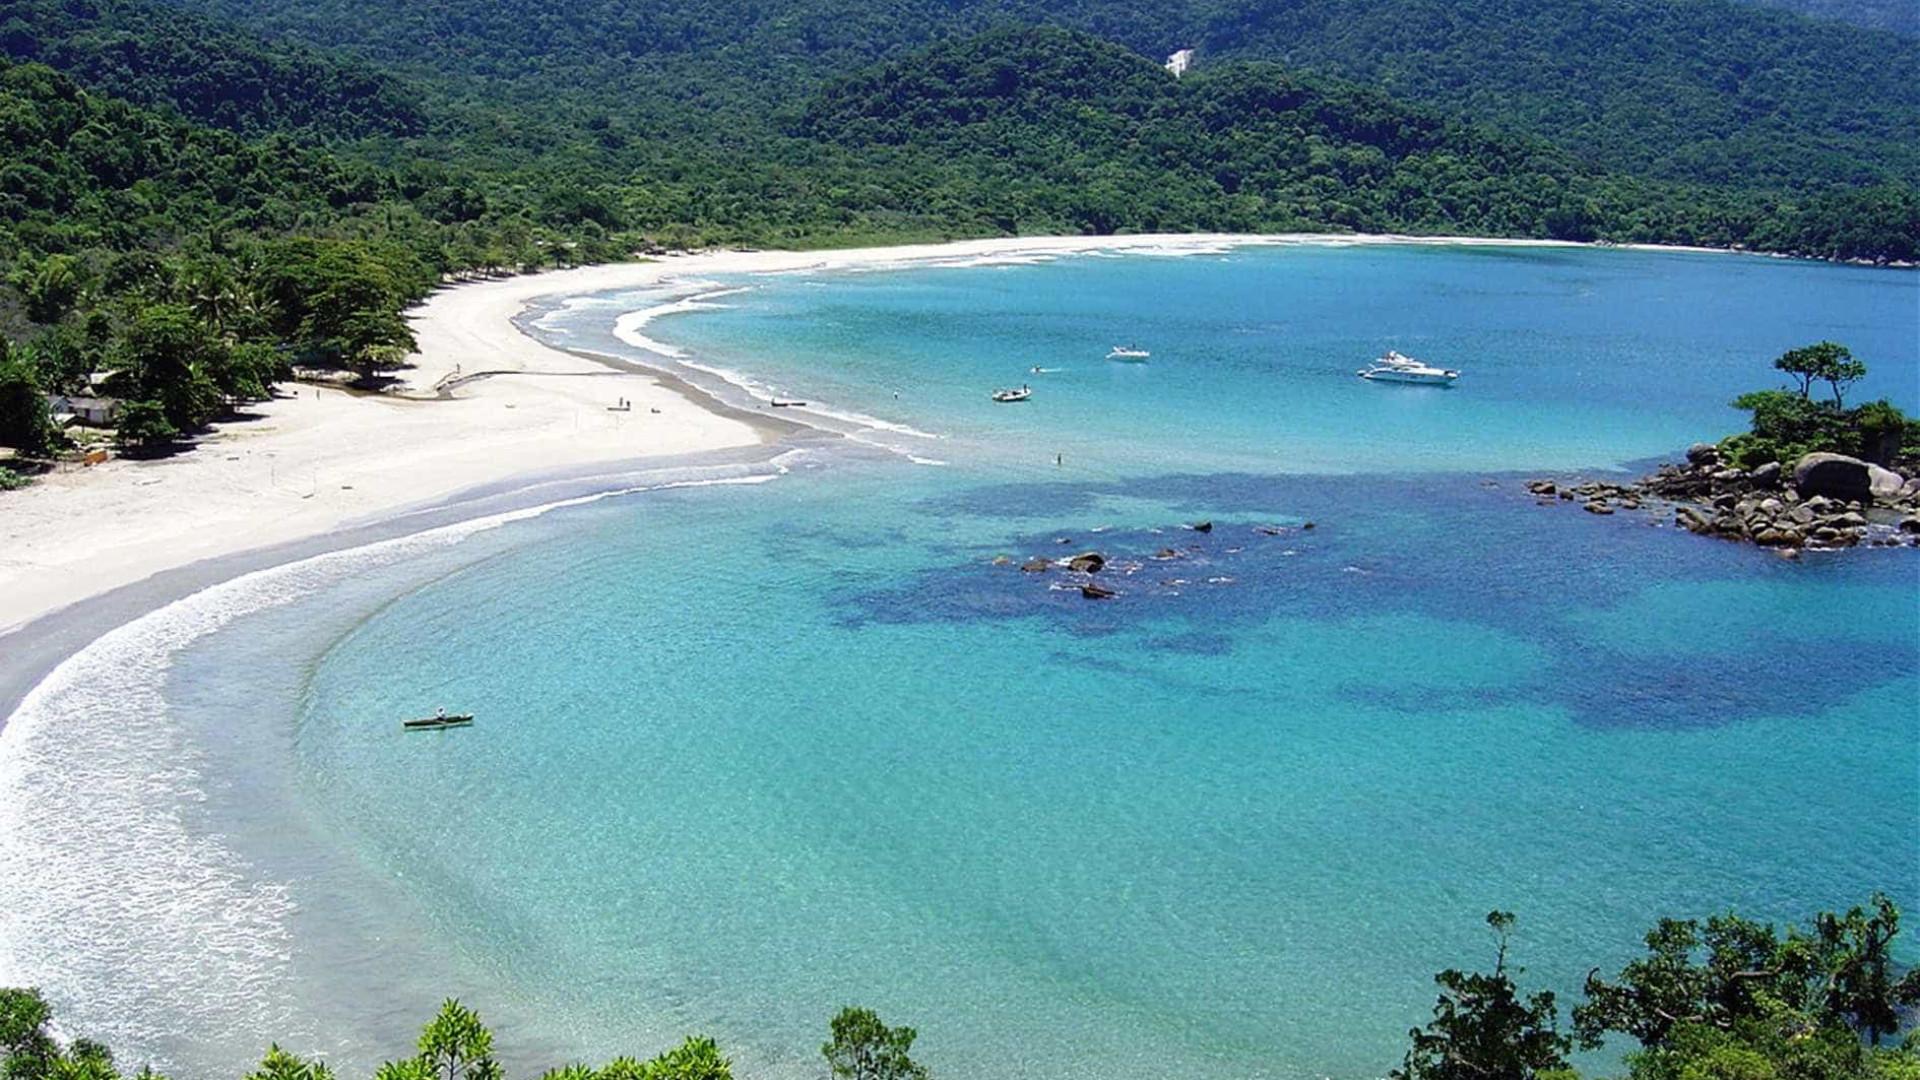 Turismo sem roupa: 8 praias de nudismo no Brasil